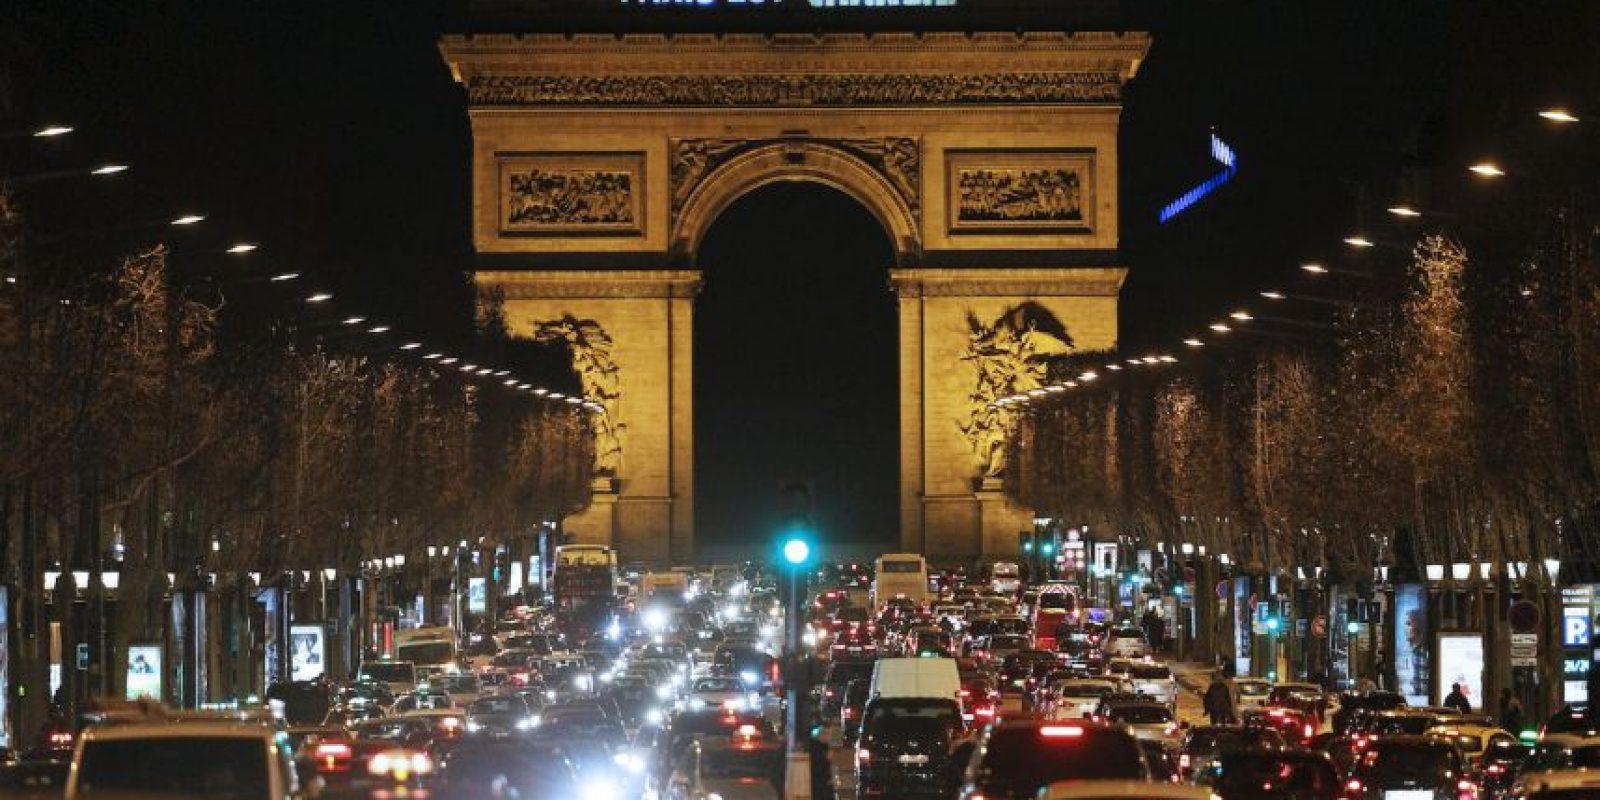 """""""Al principio creíamos que era una farsa y que estaban tirando petardos. Después entendimos que no"""", declaró el periodista Laurent Léger al medio France Info. Foto:AFP"""